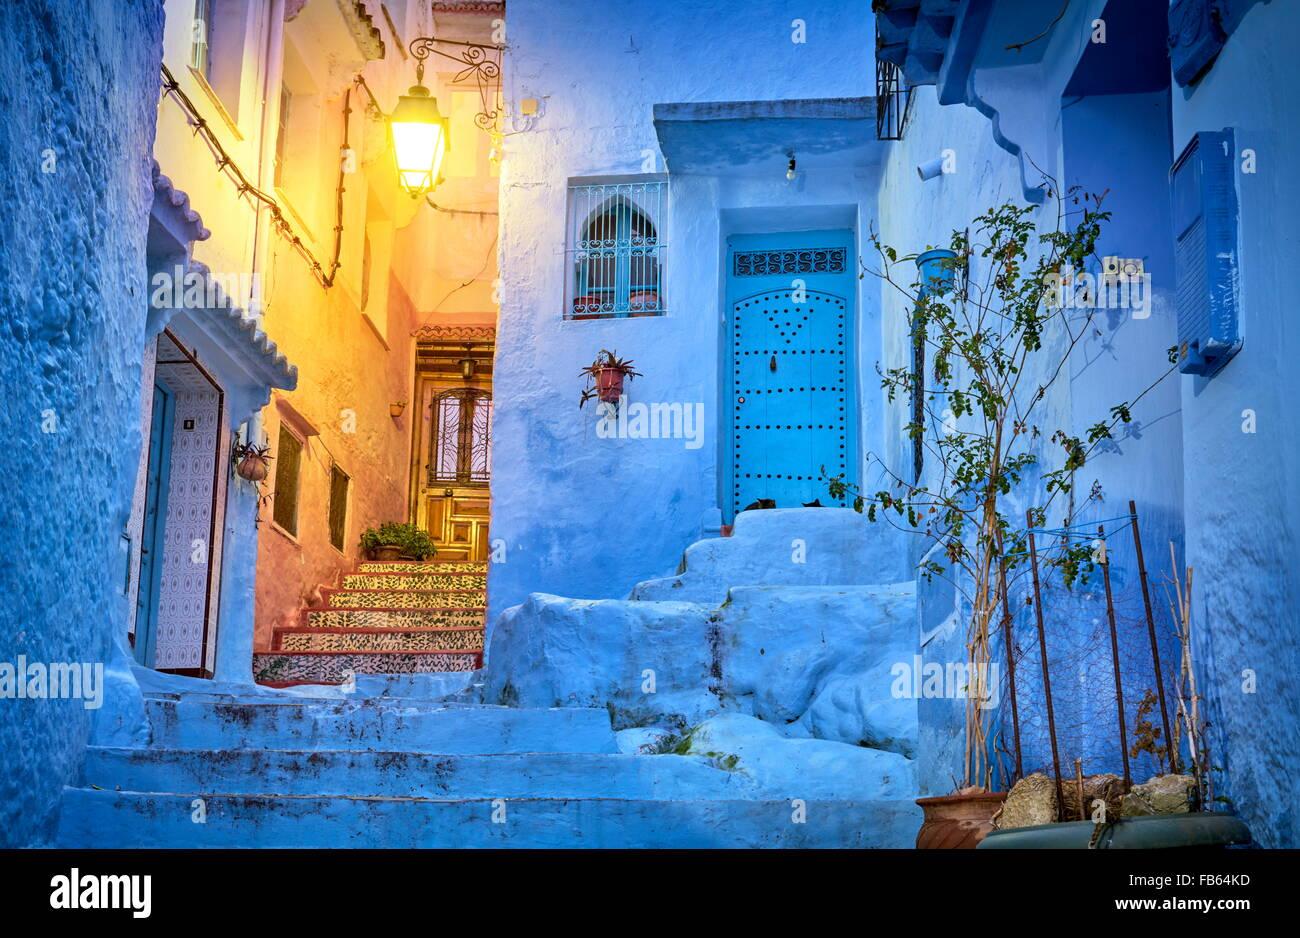 Blau gestrichene Wände in alte Medina von Chefchaouen (Chaouen). Marokko, Afrika Stockbild